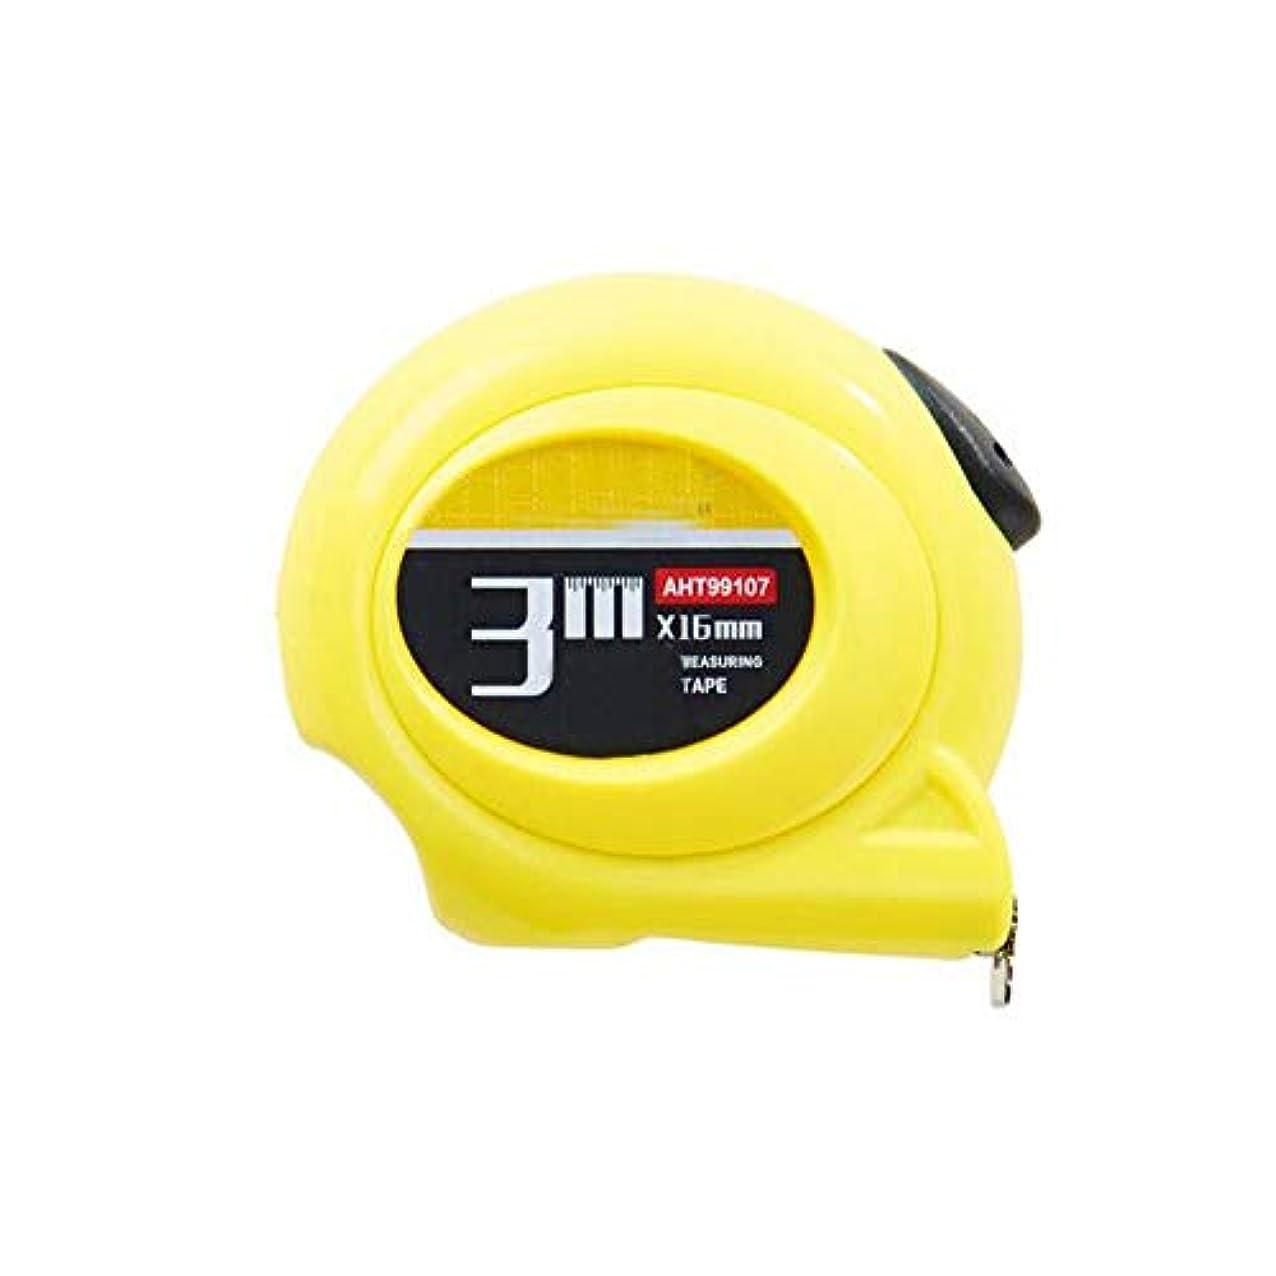 ハチ祝福精査Kaiyitong001 スチール巻き尺、ミニパームセルフロックメトリック巻き尺、3 Mイエローツールメジャー定規3 * 16 mm 繊細な (Color : Yellow, Size : 3m*16mm)